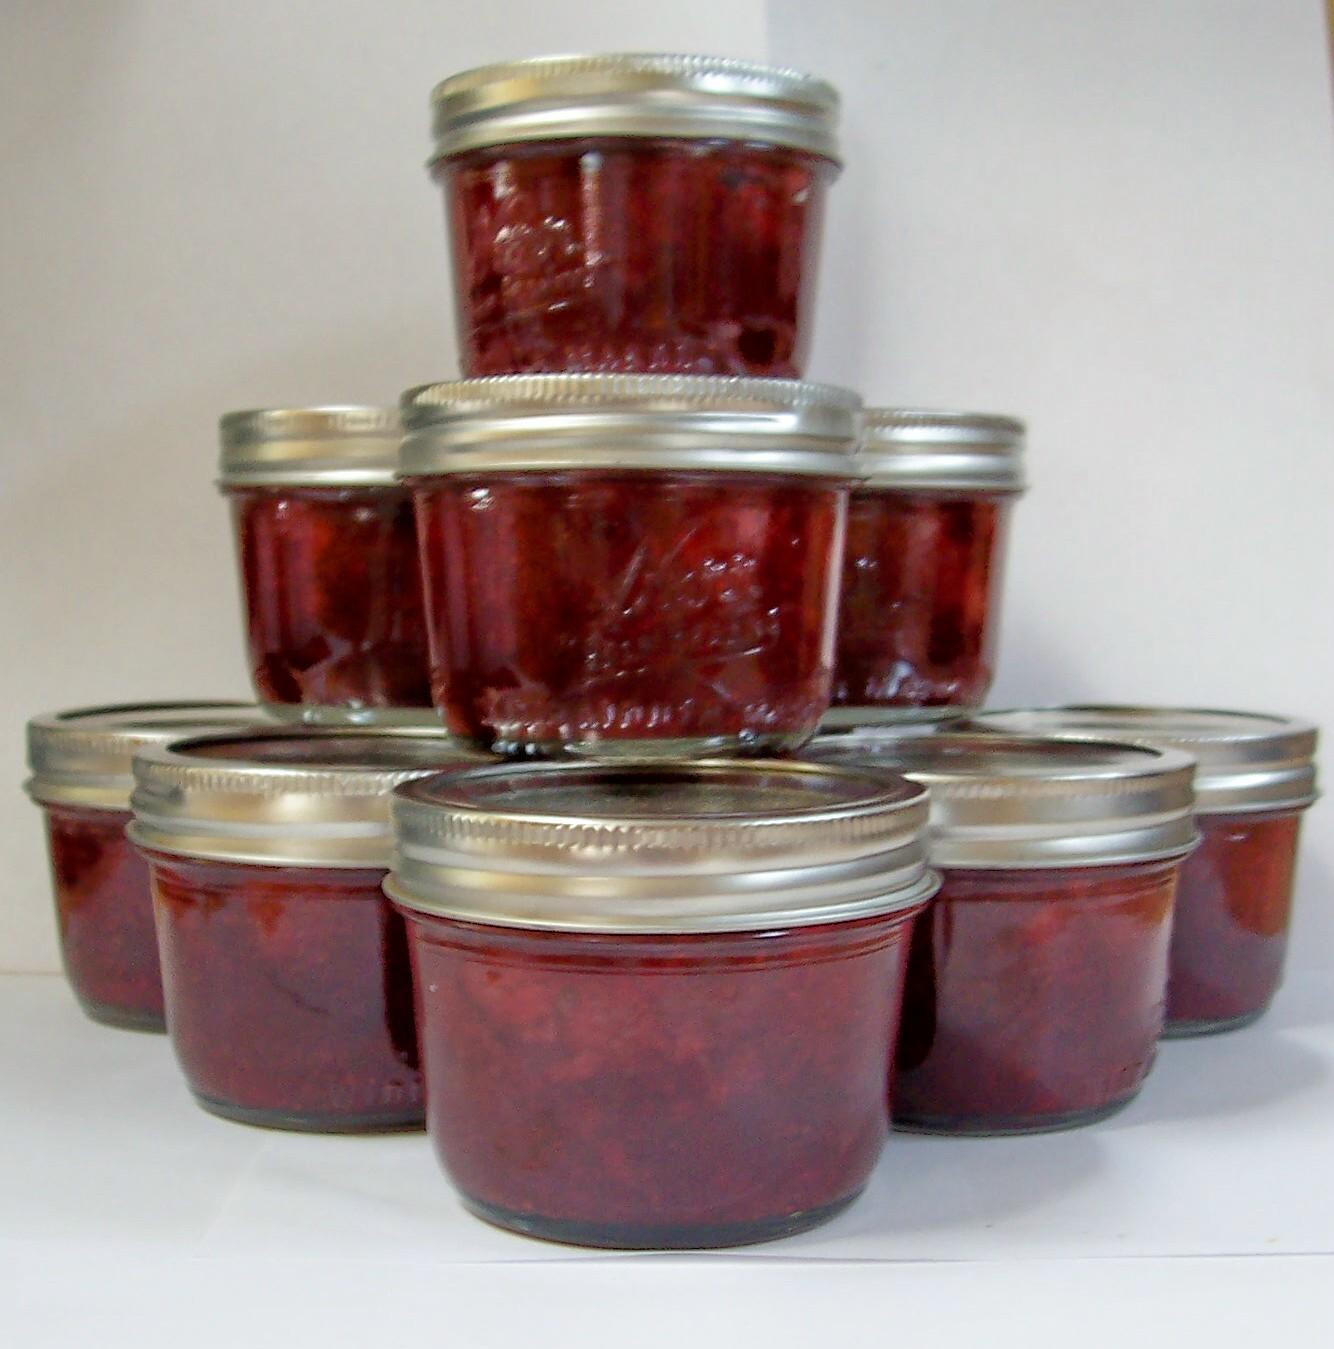 ... Musings of an Antique Lil Girl: Strawberry Balsamic Jam w/Lemon Thyme